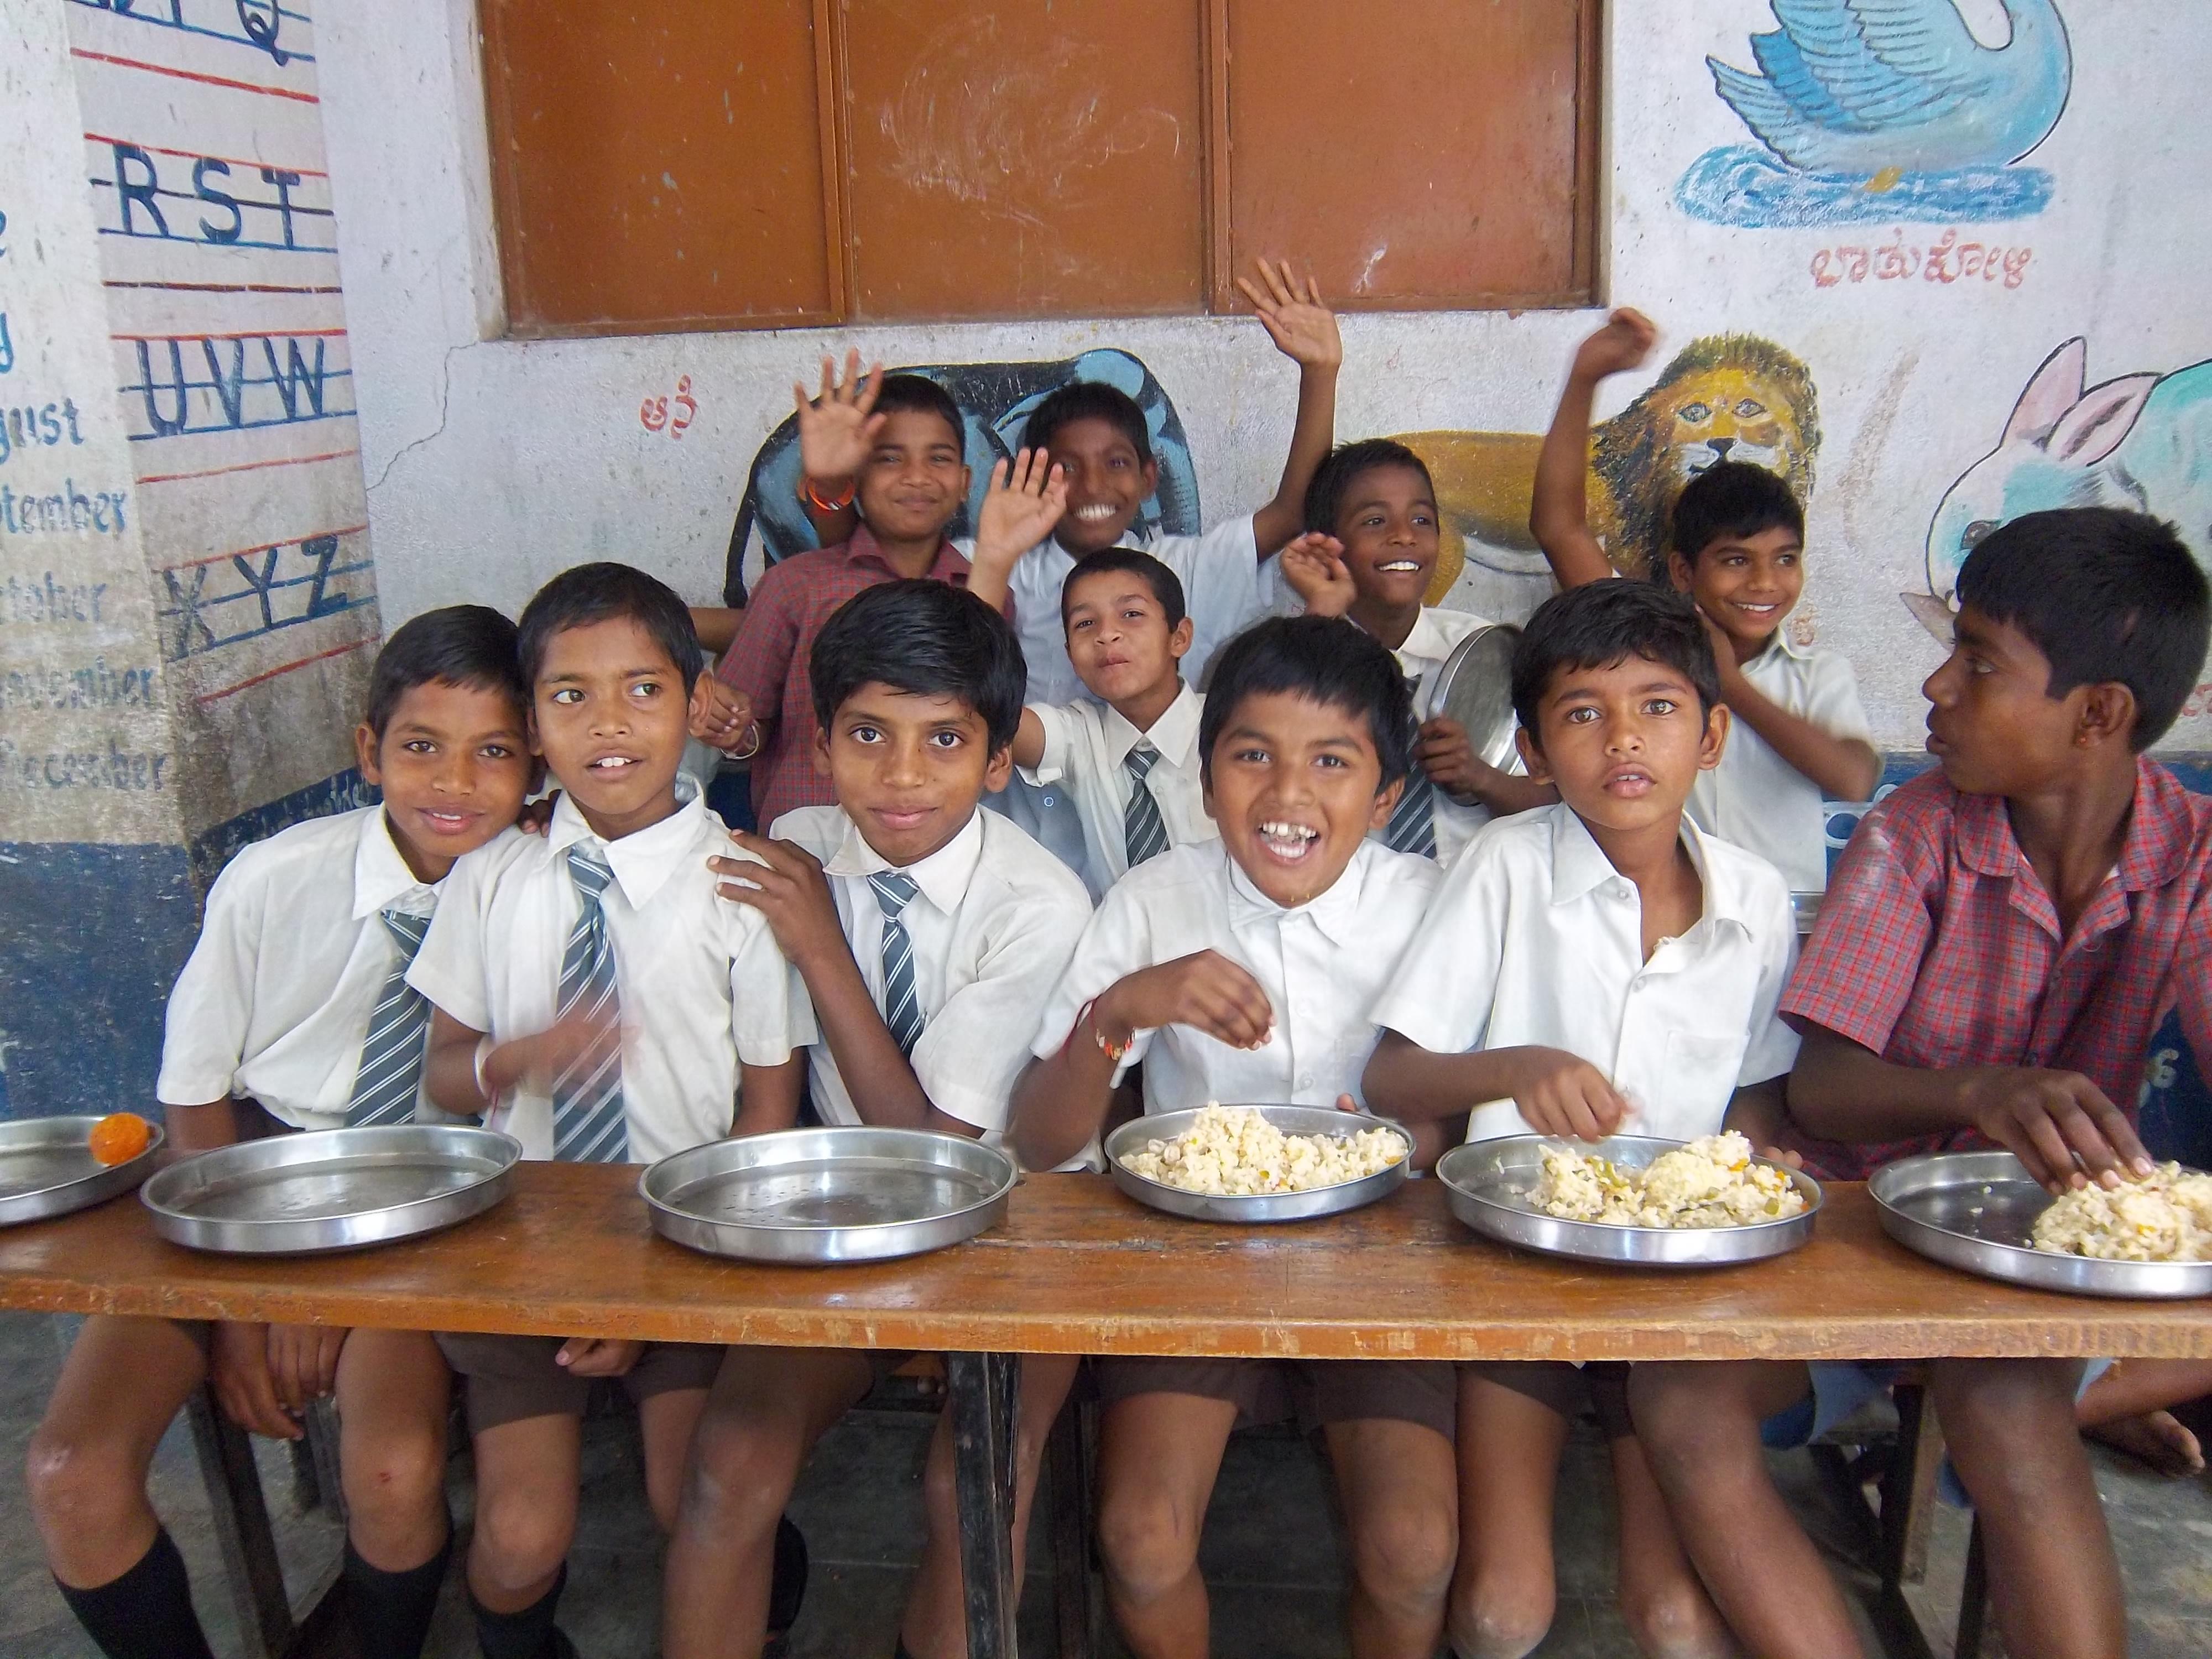 Kids enjoying food